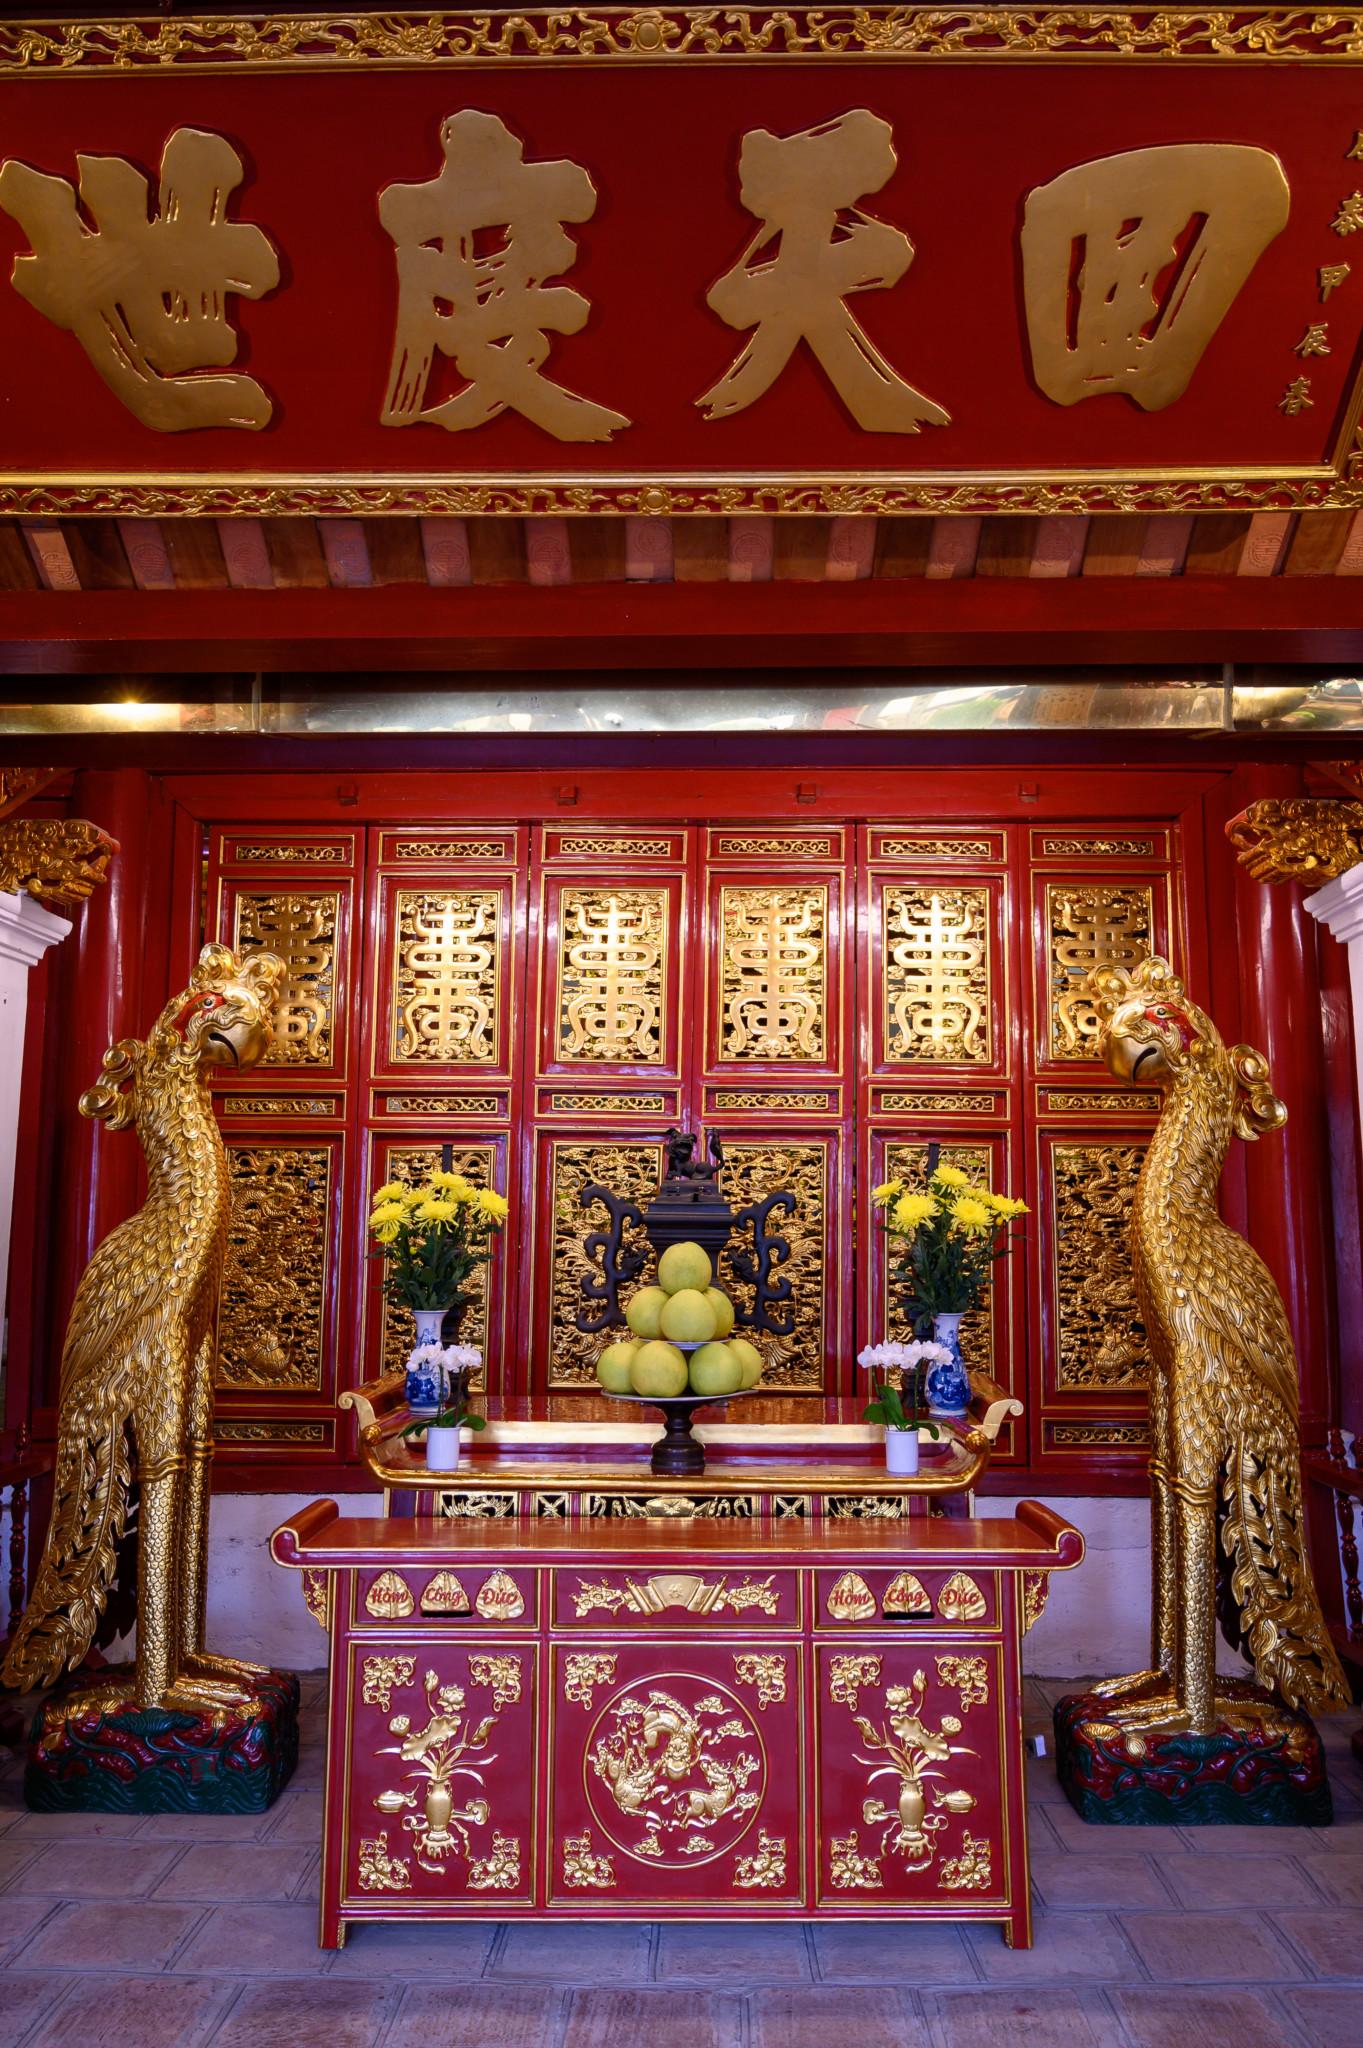 Der Tempel des Jadebergs in Hanoi von innen